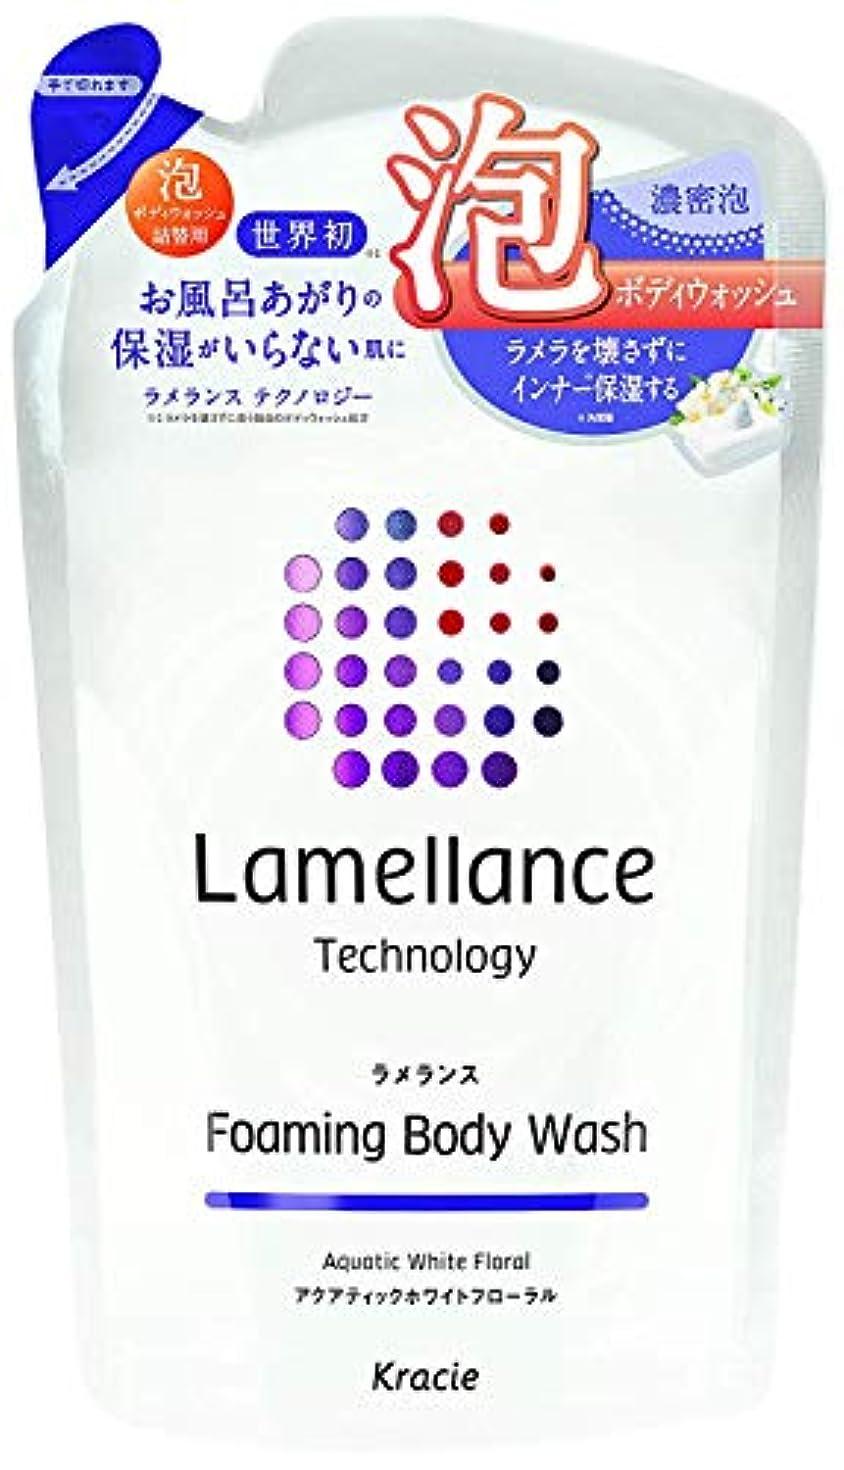 割れ目論争確執ラメランス 泡ボディウォッシュ詰替380mL(アクアティックホワイトフローラルの香り) 泡立ていらずの濃密泡